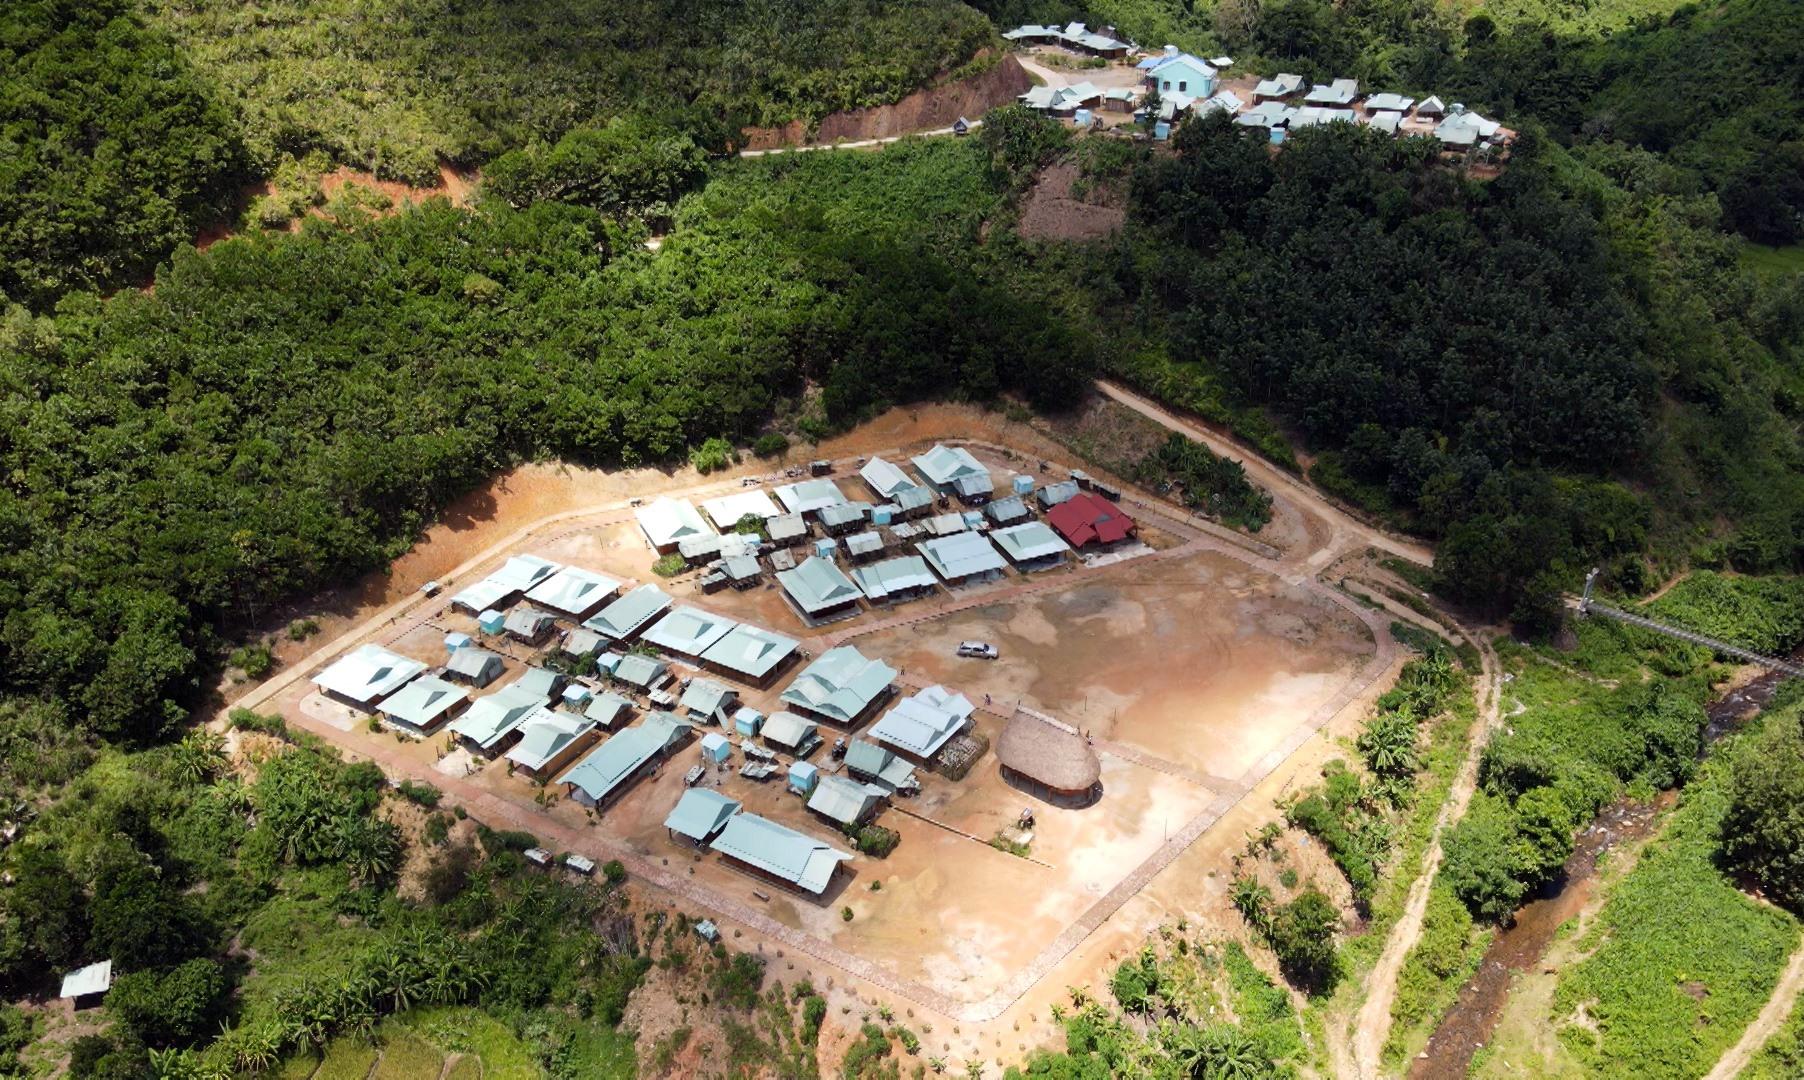 Khu tái định cư ở vùng cao được triển khai và hình thành dựa trên kinh nghiệm cộng đồng. Ảnh: GIANG NGỌC